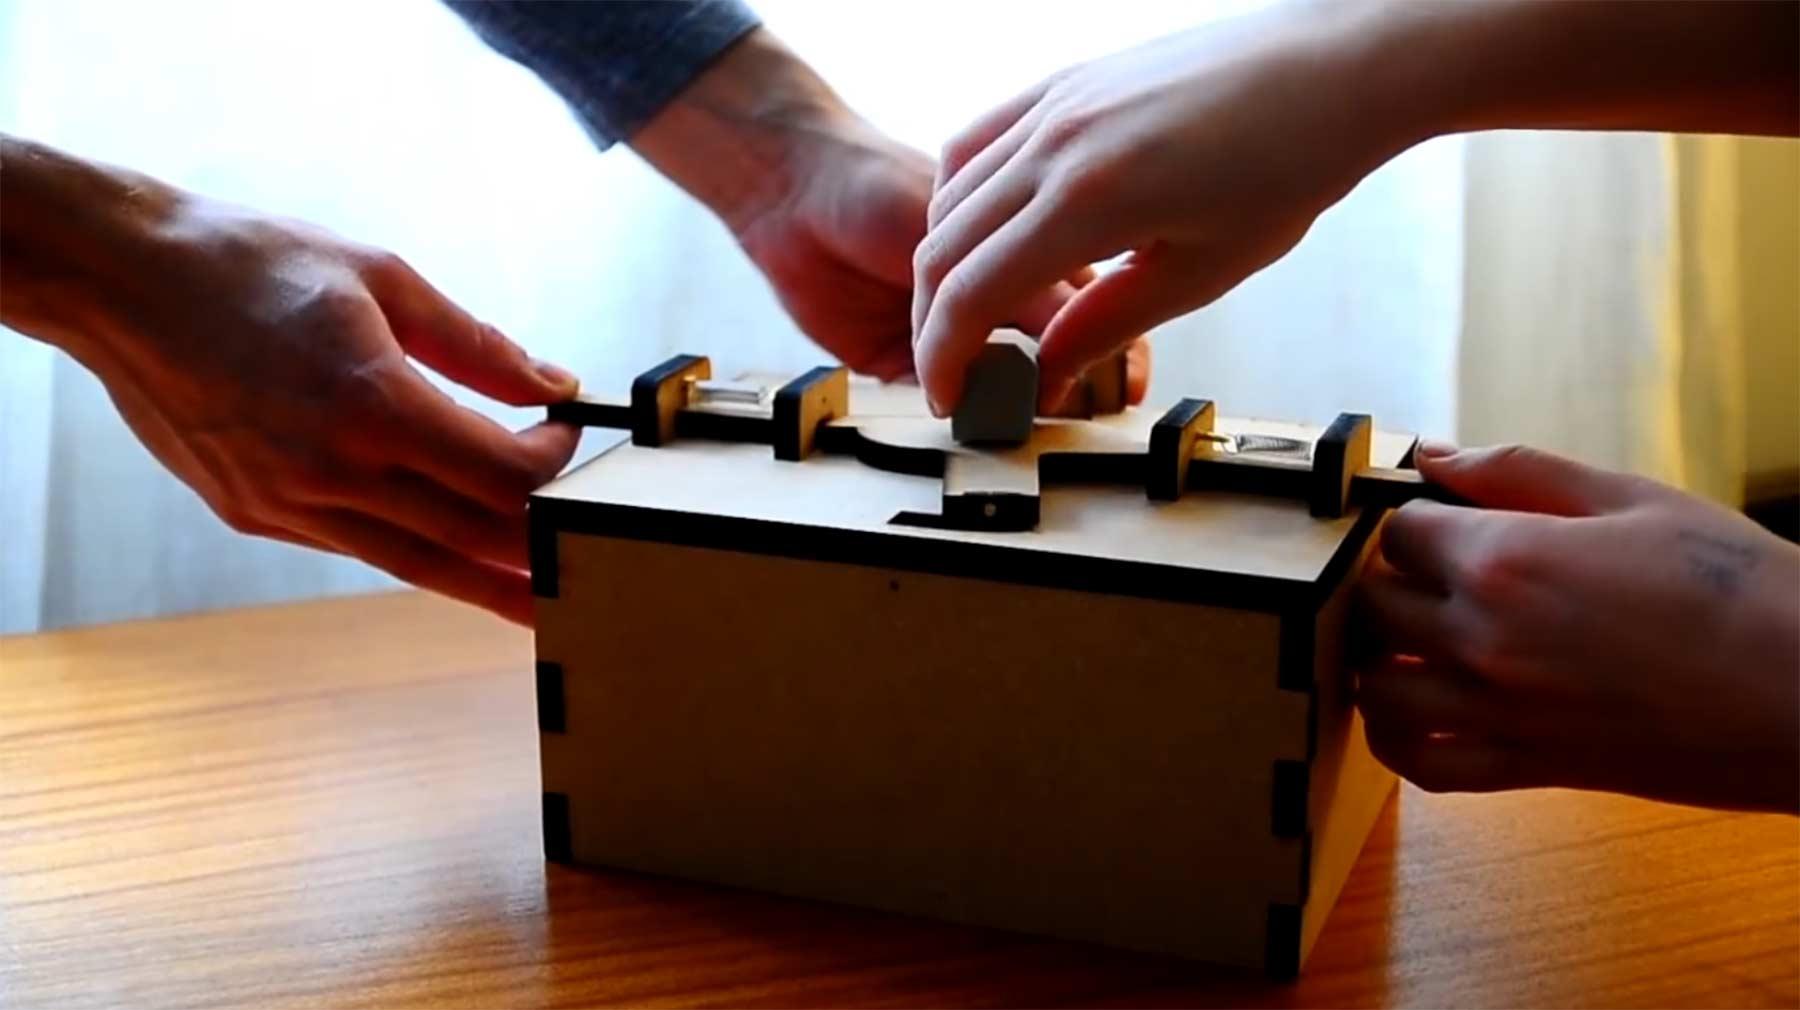 Diese Keksdose kann man nur zu zweit öffnen cookie-box-open-with-two-people